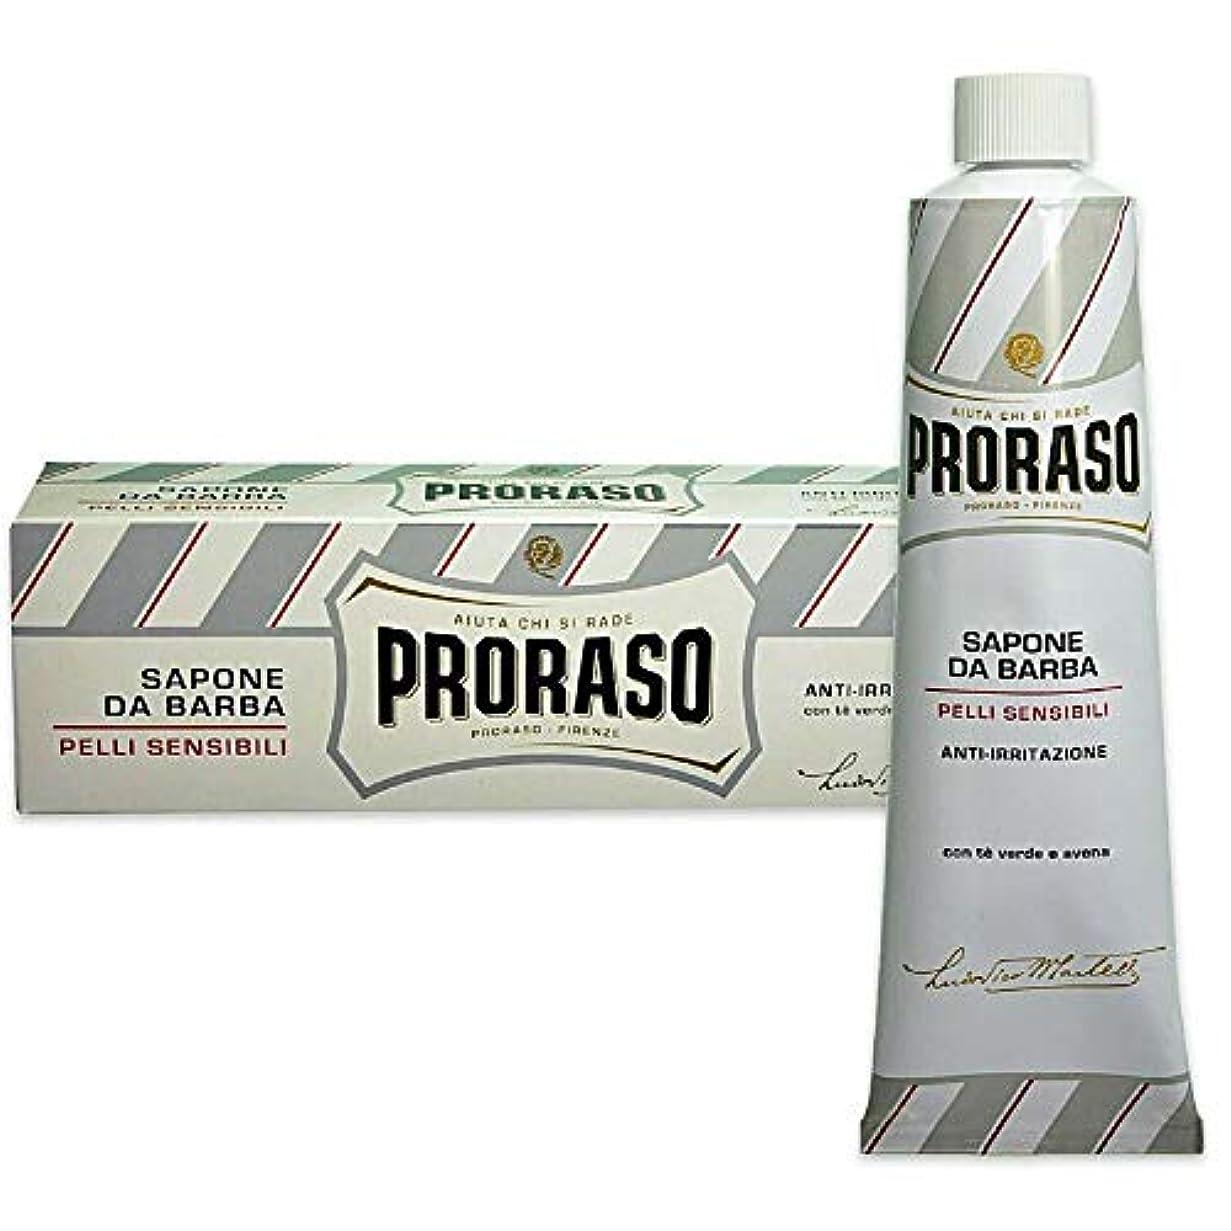 月曜日壊れた同一性Proraso (ポロラーソ) シェービングクリーム センシティブ 150 ml [並行輸入品]